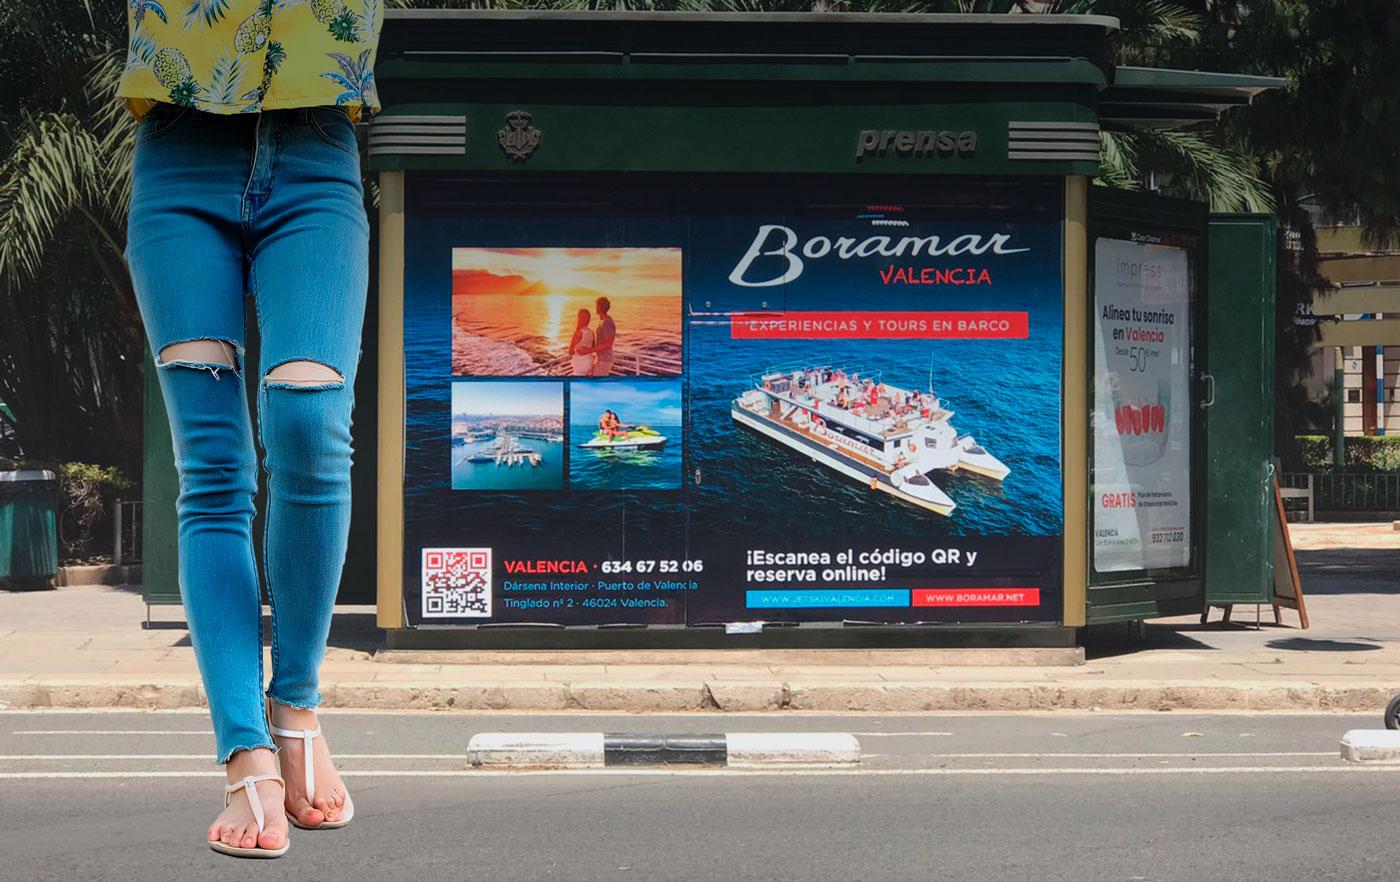 La publicidad exterior vuelve a ser la estrella del verano